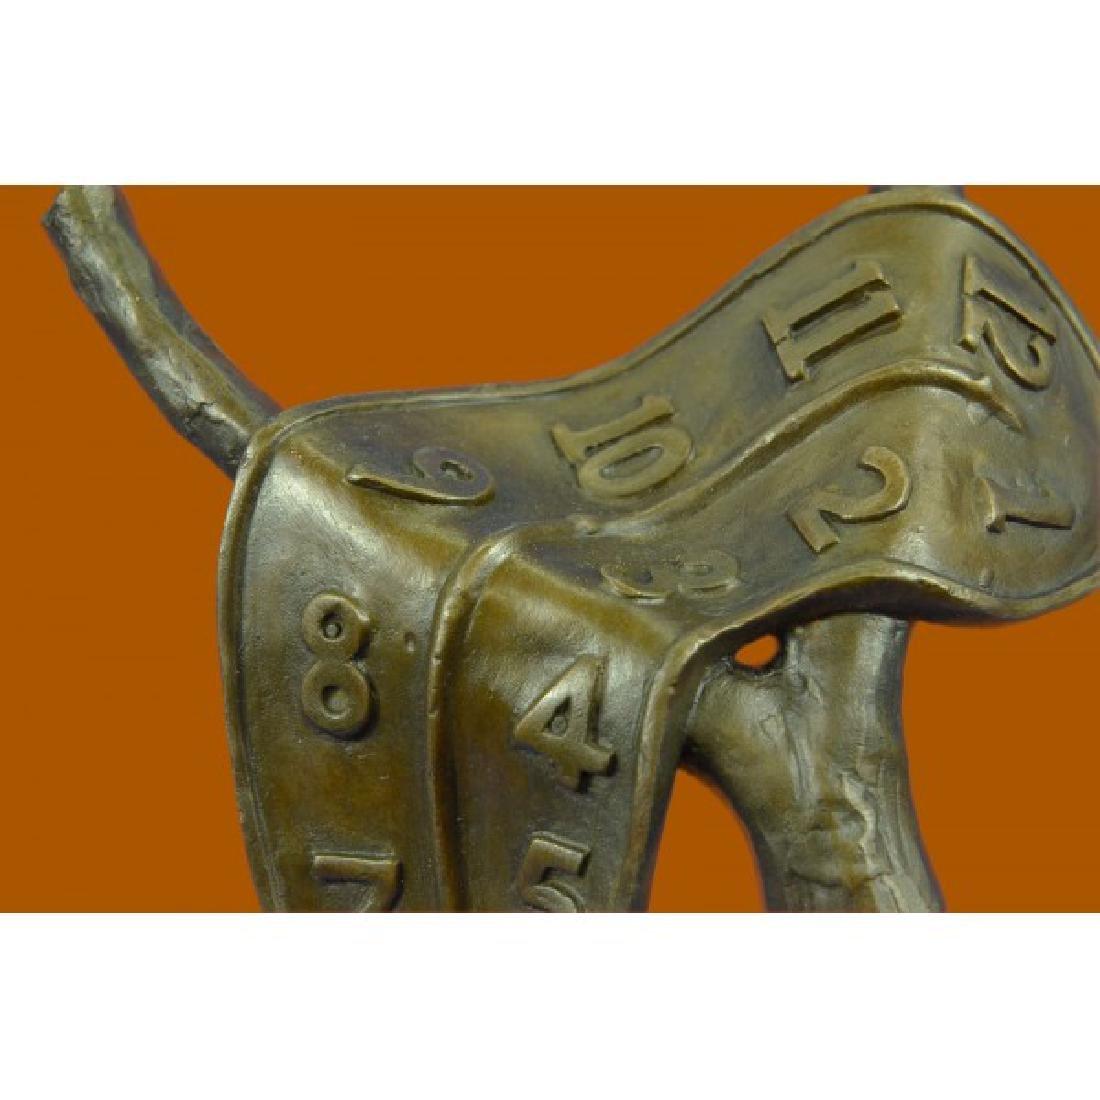 Modern Melting Clock Bronze Sculpture - 5